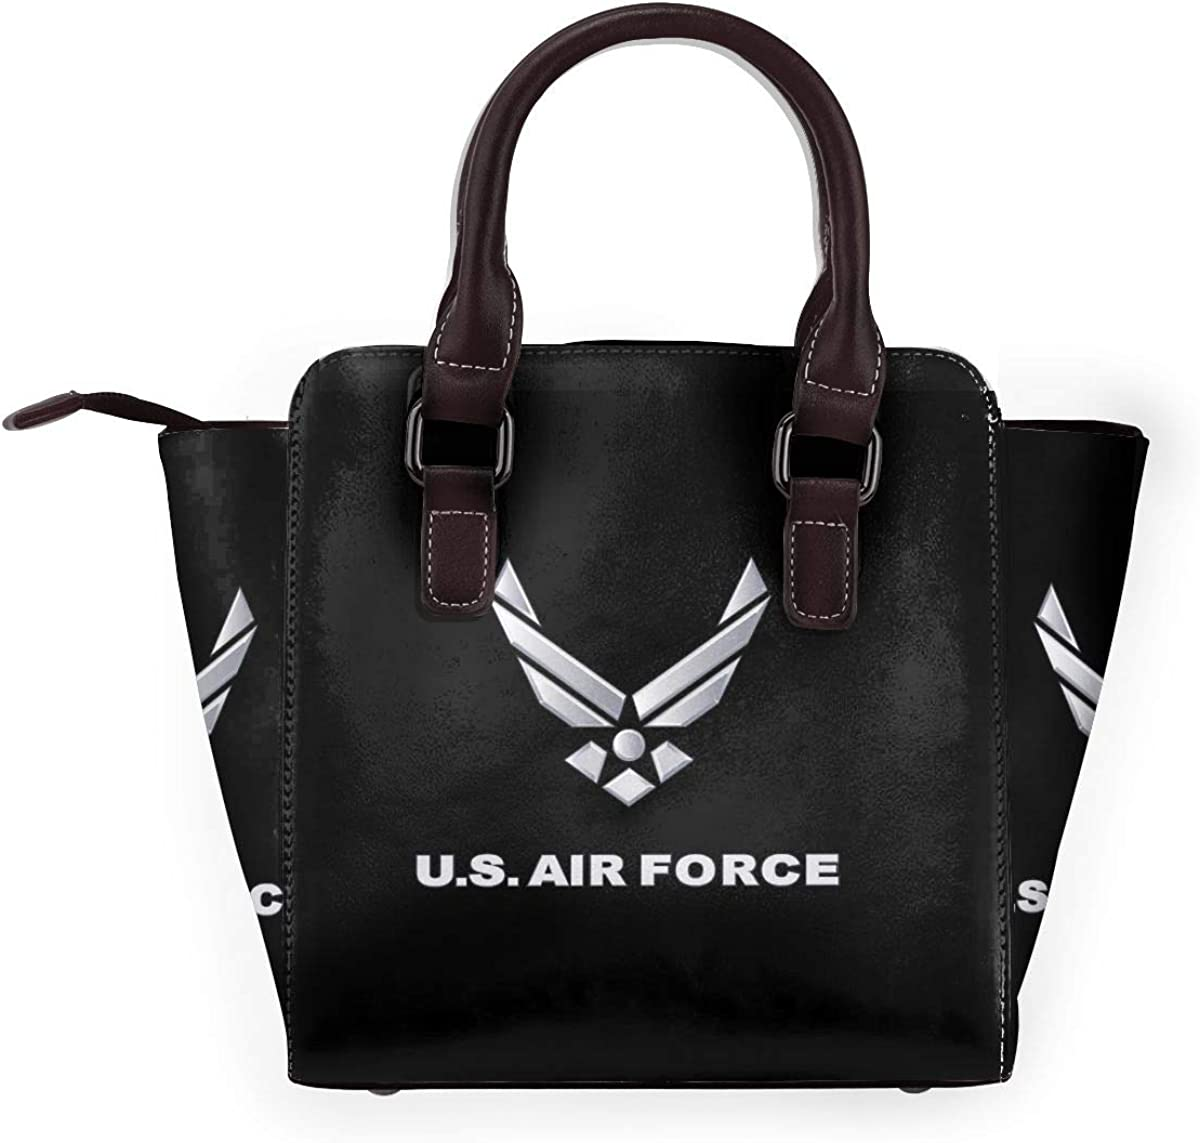 Classique Andrew Yang Pour le Président 2020 Femmes de la Mode en Cuir Véritable Rivet Sac à Bandoulière Filles Voyage École Sac à Main Logo Us Air Force.